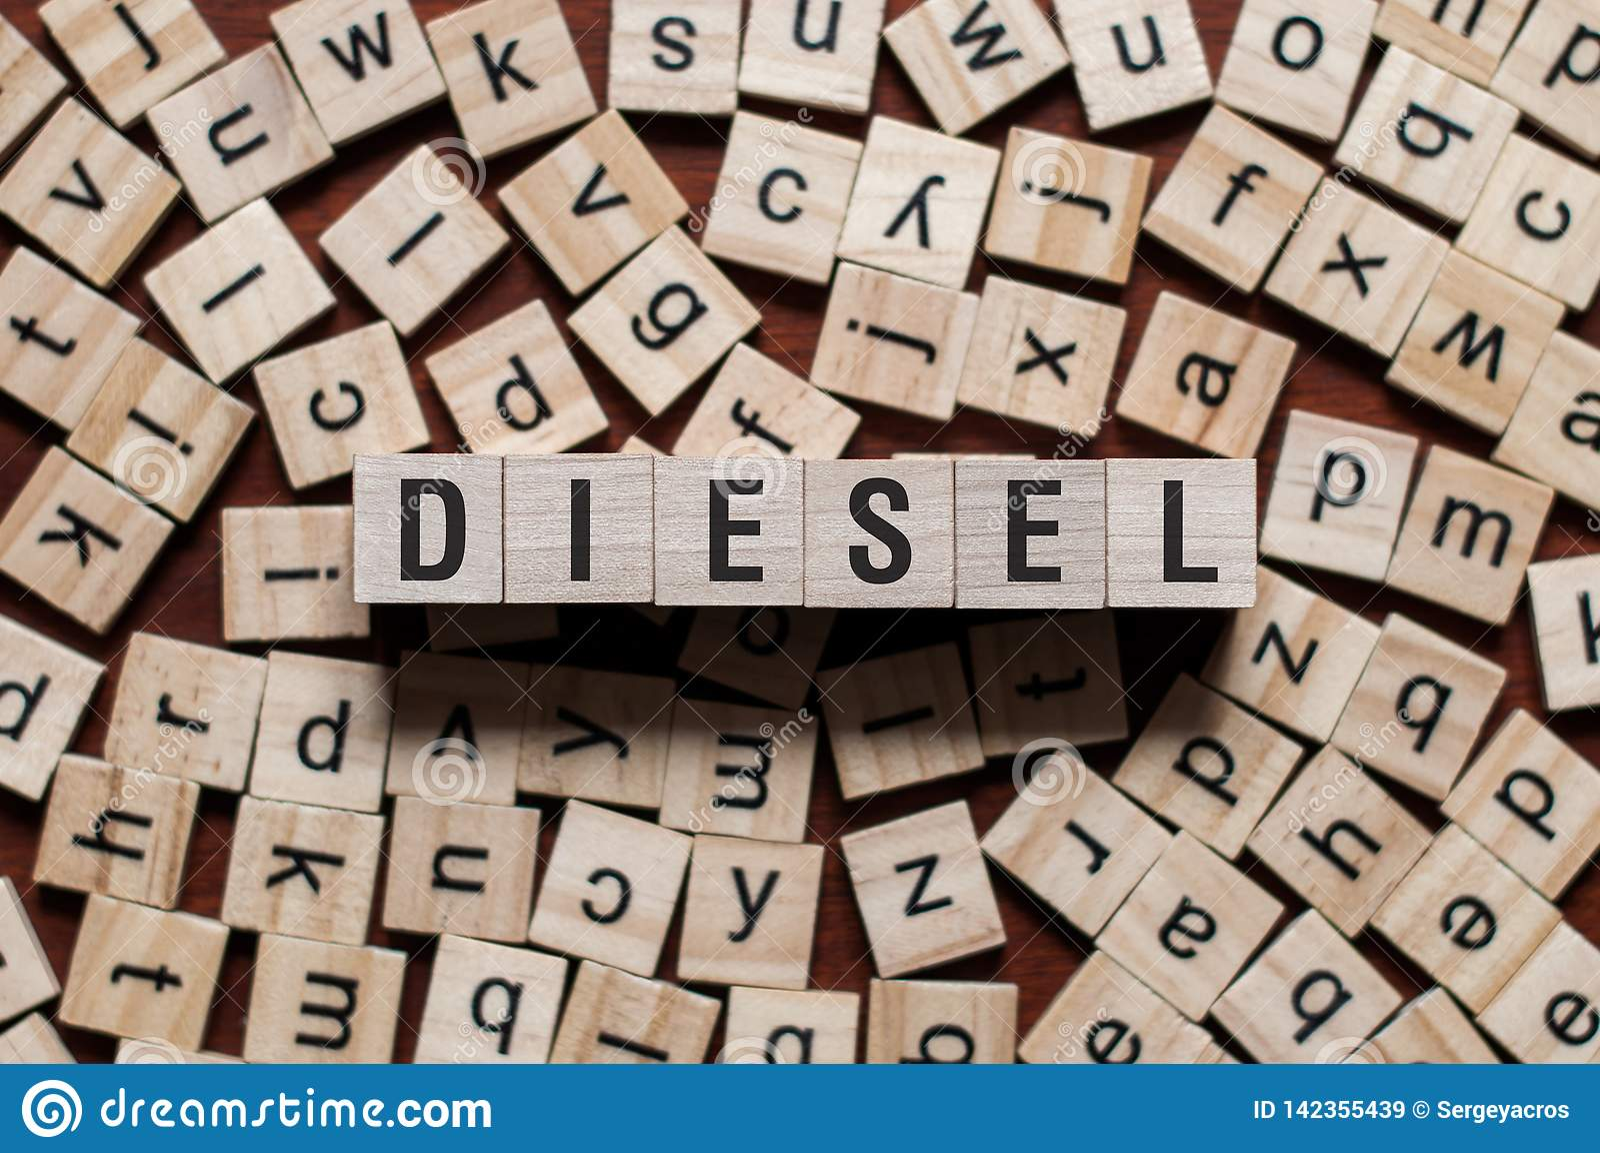 Diesel woordconcept